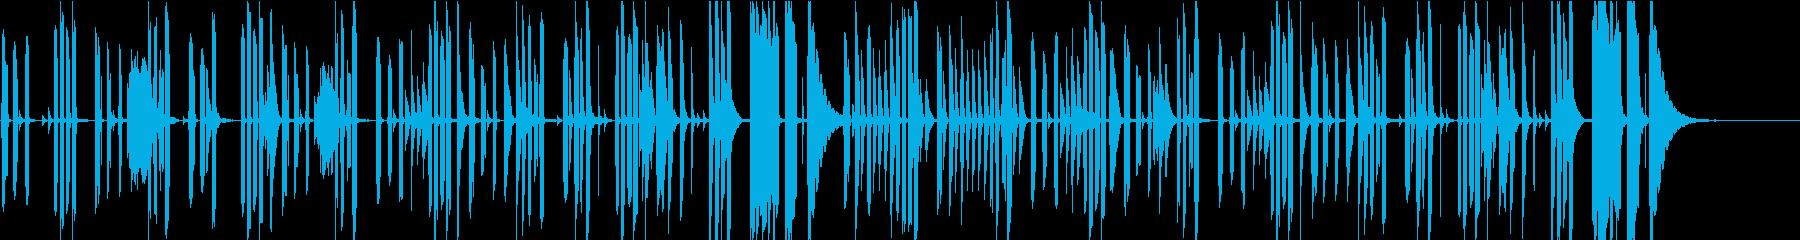 会話シーン・音数少なめシンプルなピアノの再生済みの波形